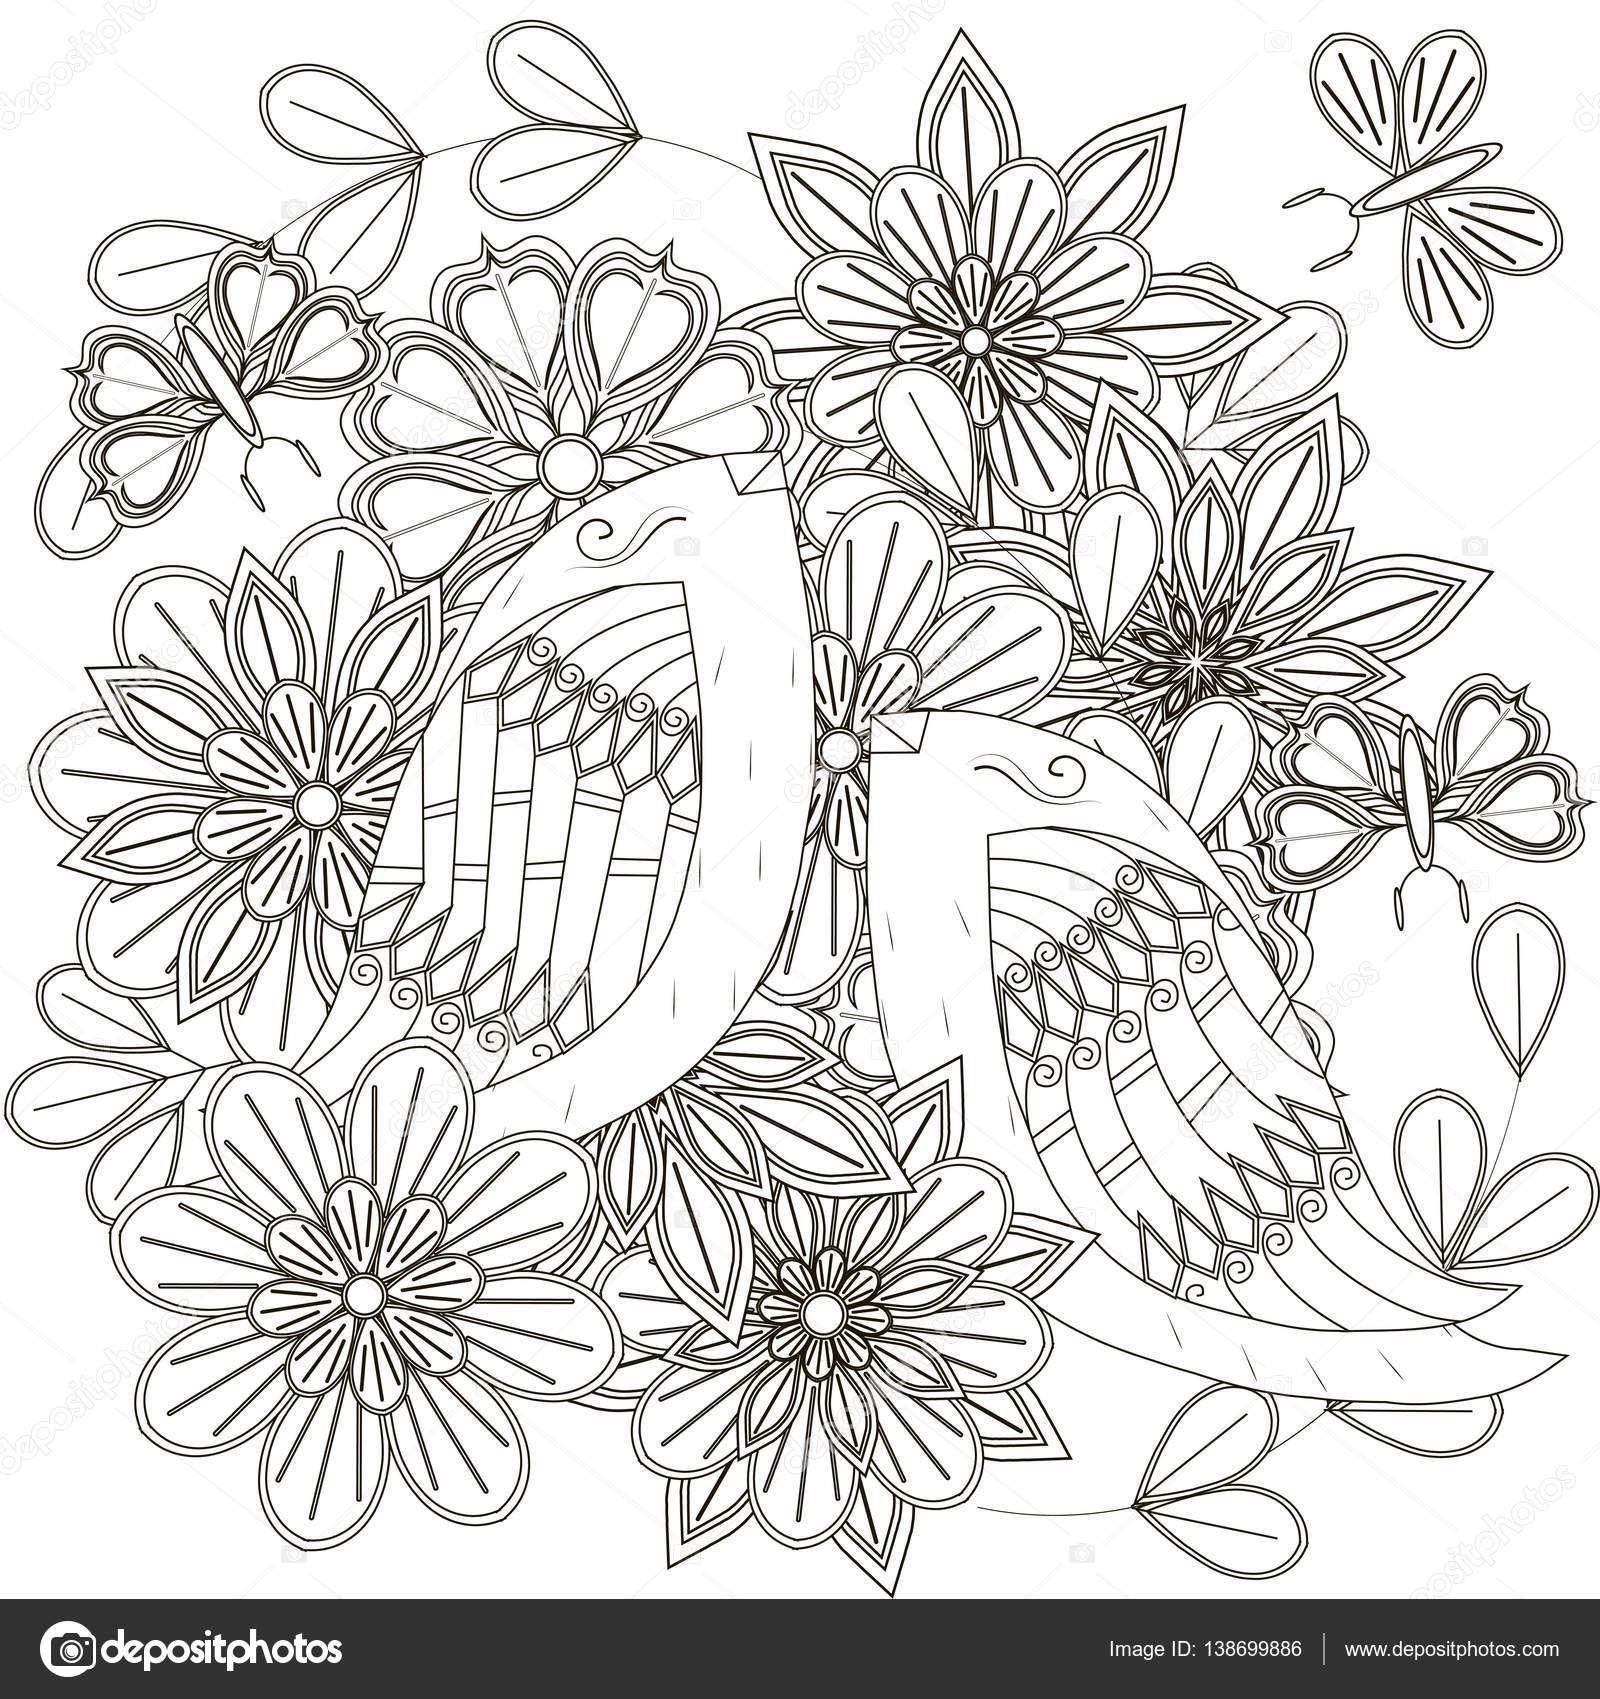 Blanco y negro boceto bouquet aves estilizadas flores y for Mural de flores y mariposas